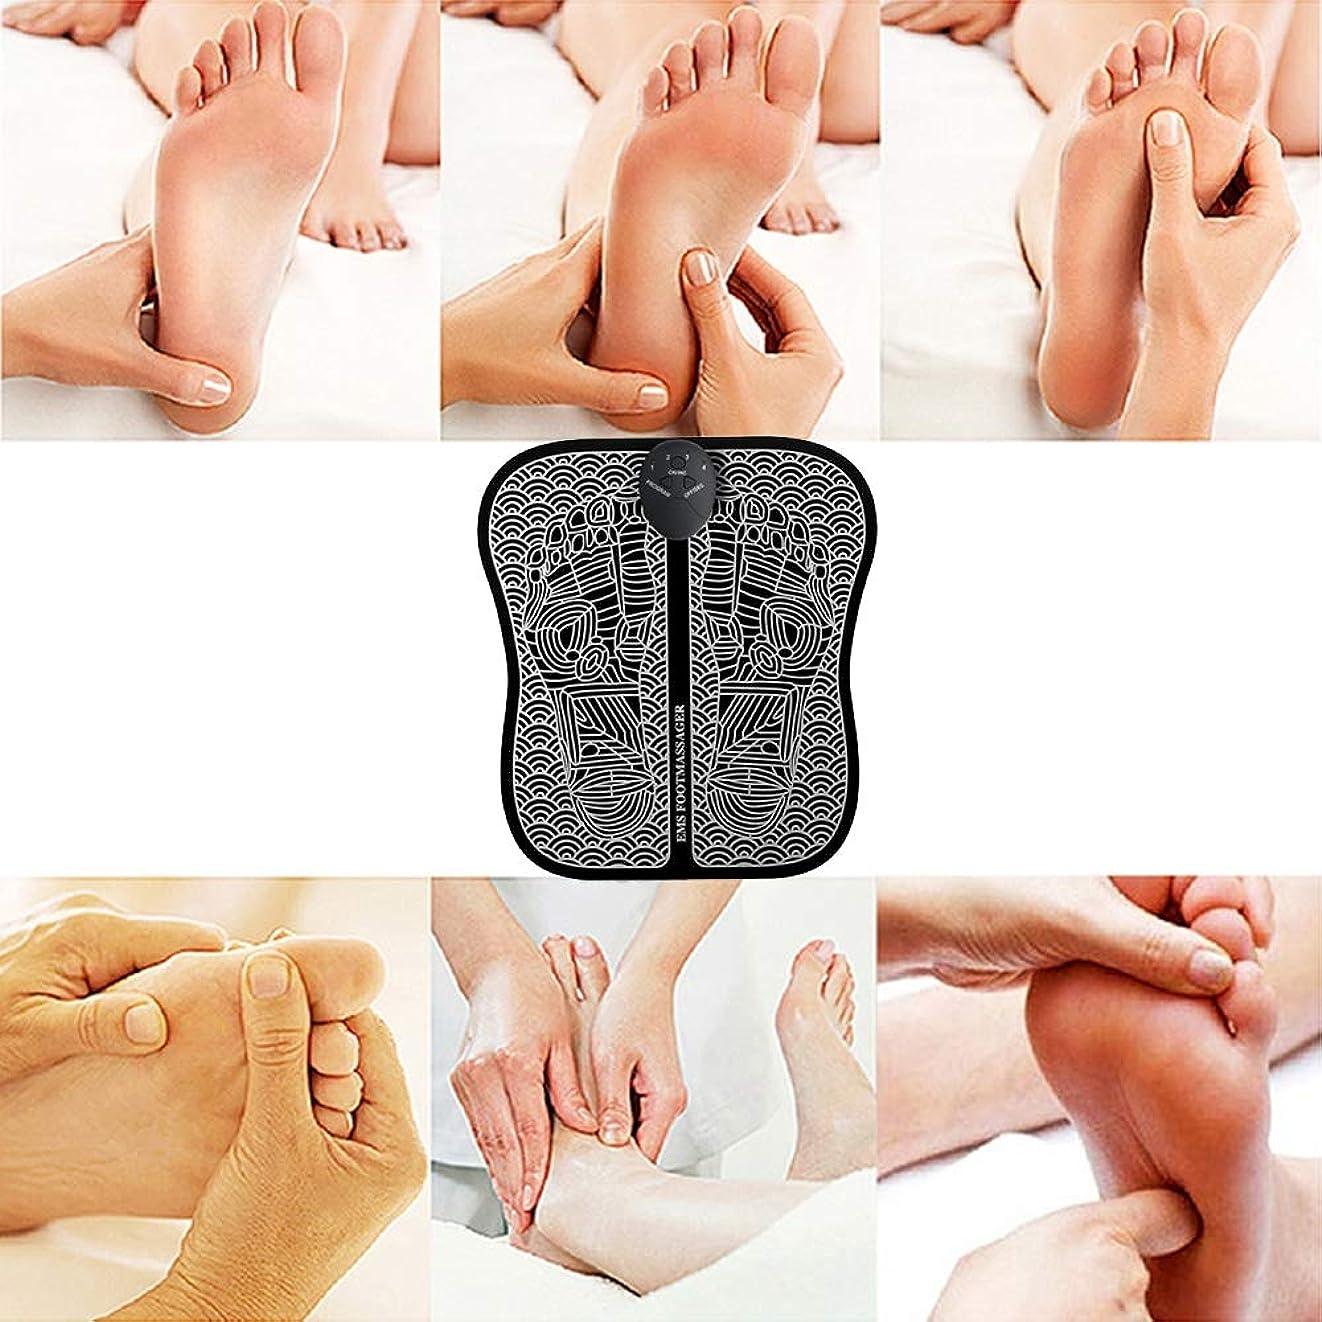 承認する成分ライド痛みを和らげる血液循環のためのEMSフットマッサージャーパッドマット痛みを伴う線維筋痛症